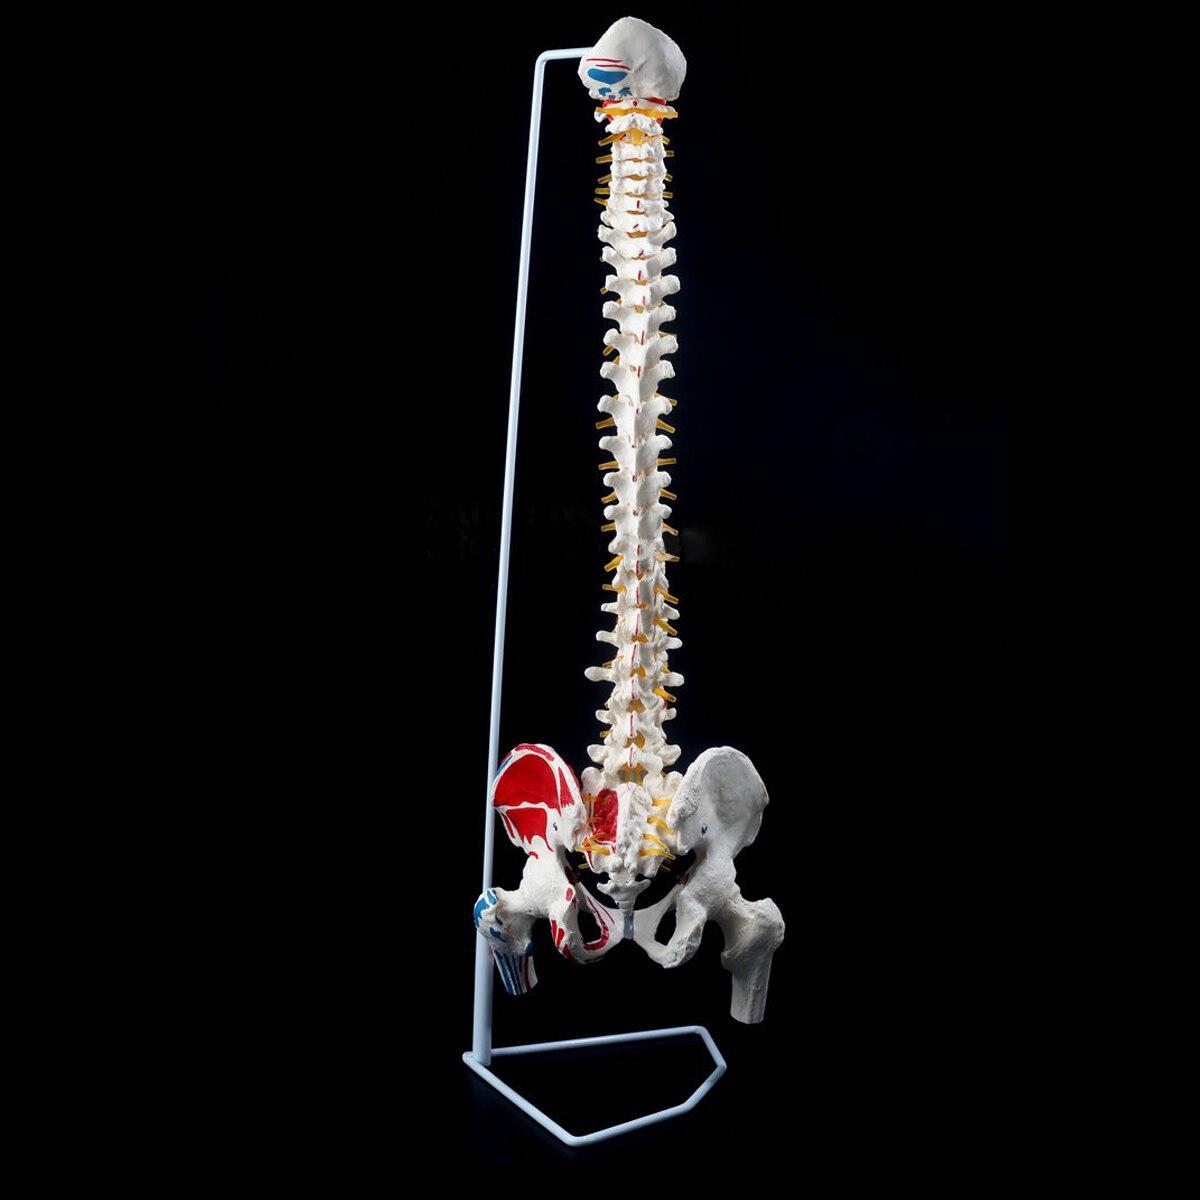 85 cm 1:1 taille réelle anatomie humaine colonne vertébrale modèle bassin fémurs + Stand école éducation Science médicale modèle d'enseignement anatomique - 2